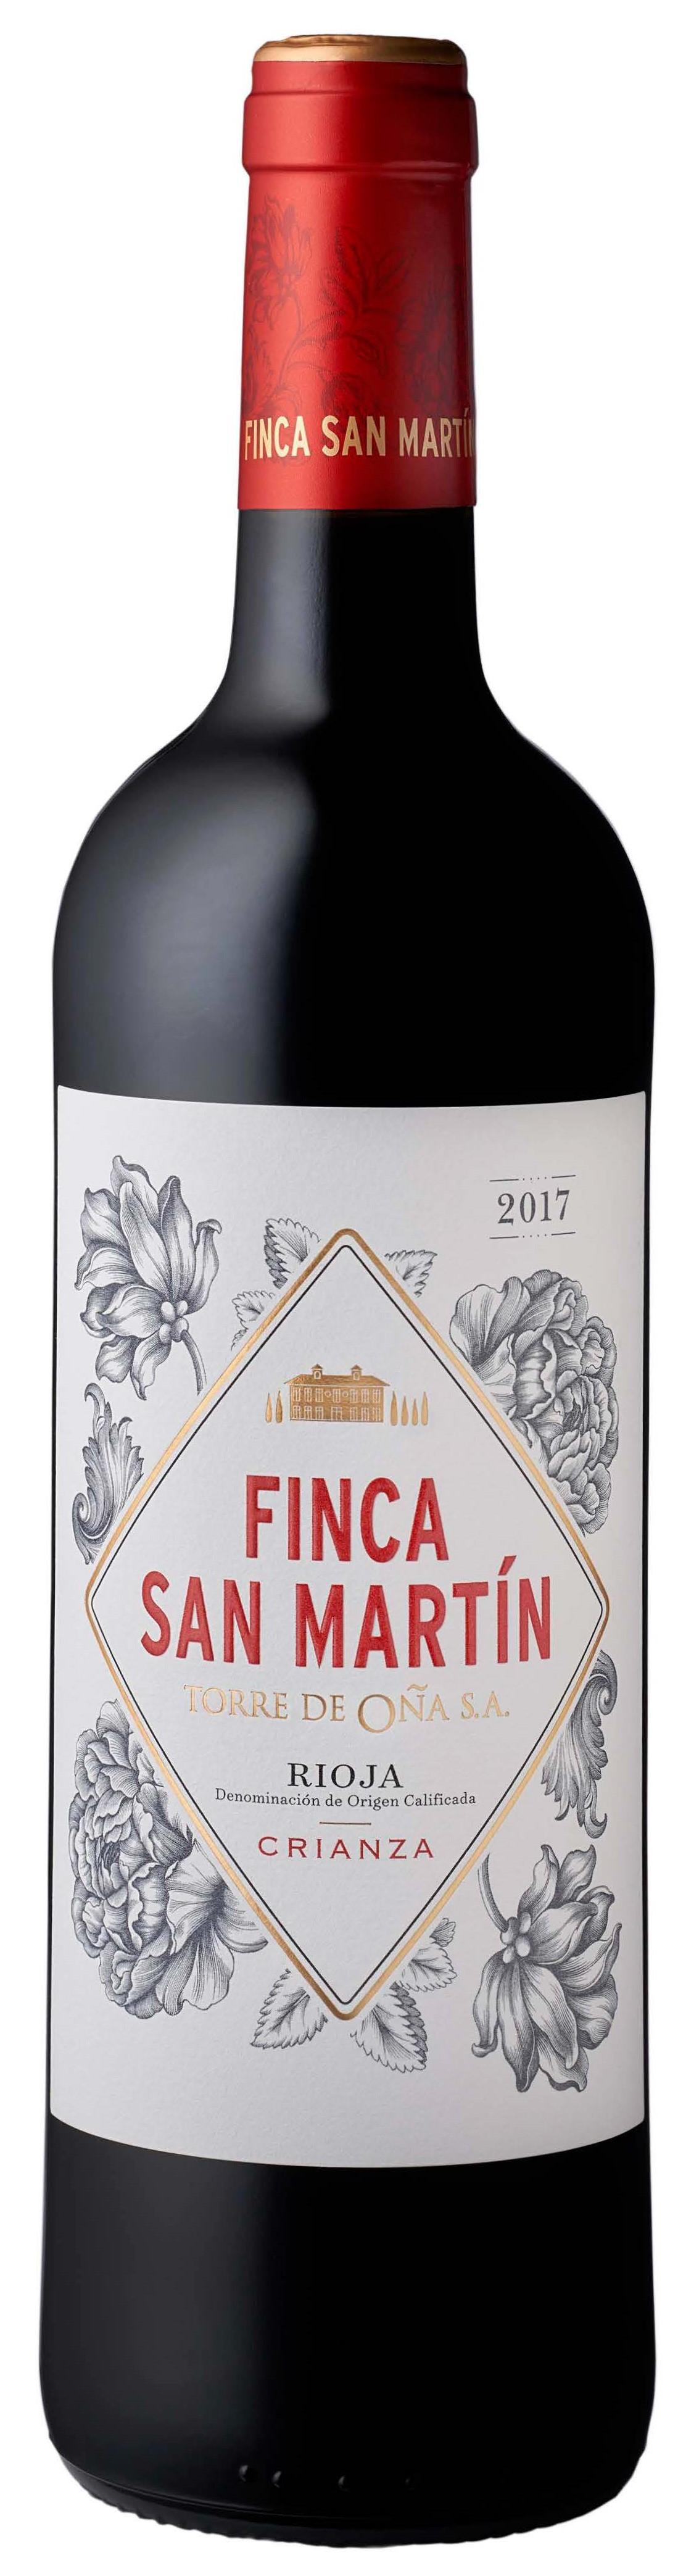 Vino Tinto Finca San Martín Crianza 2017